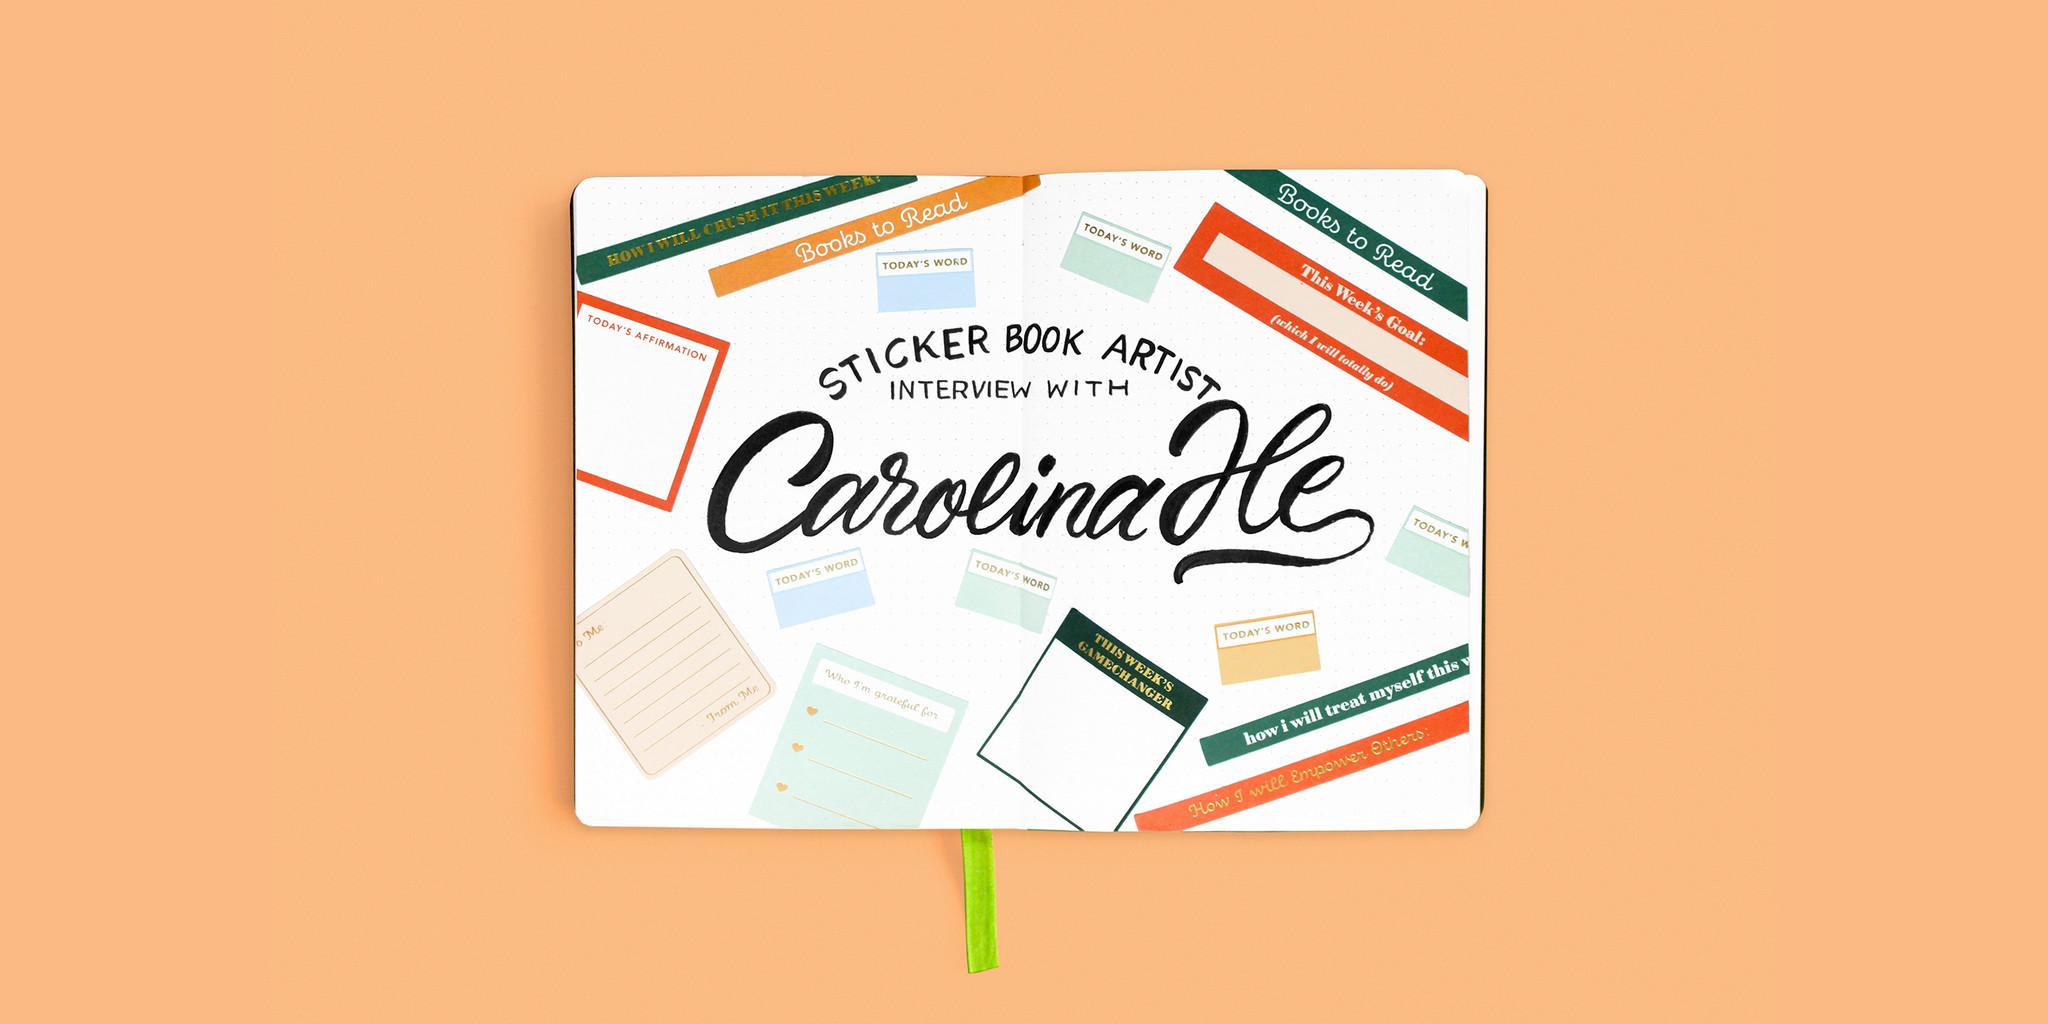 Sticker Book Artist Interview: Carolina He